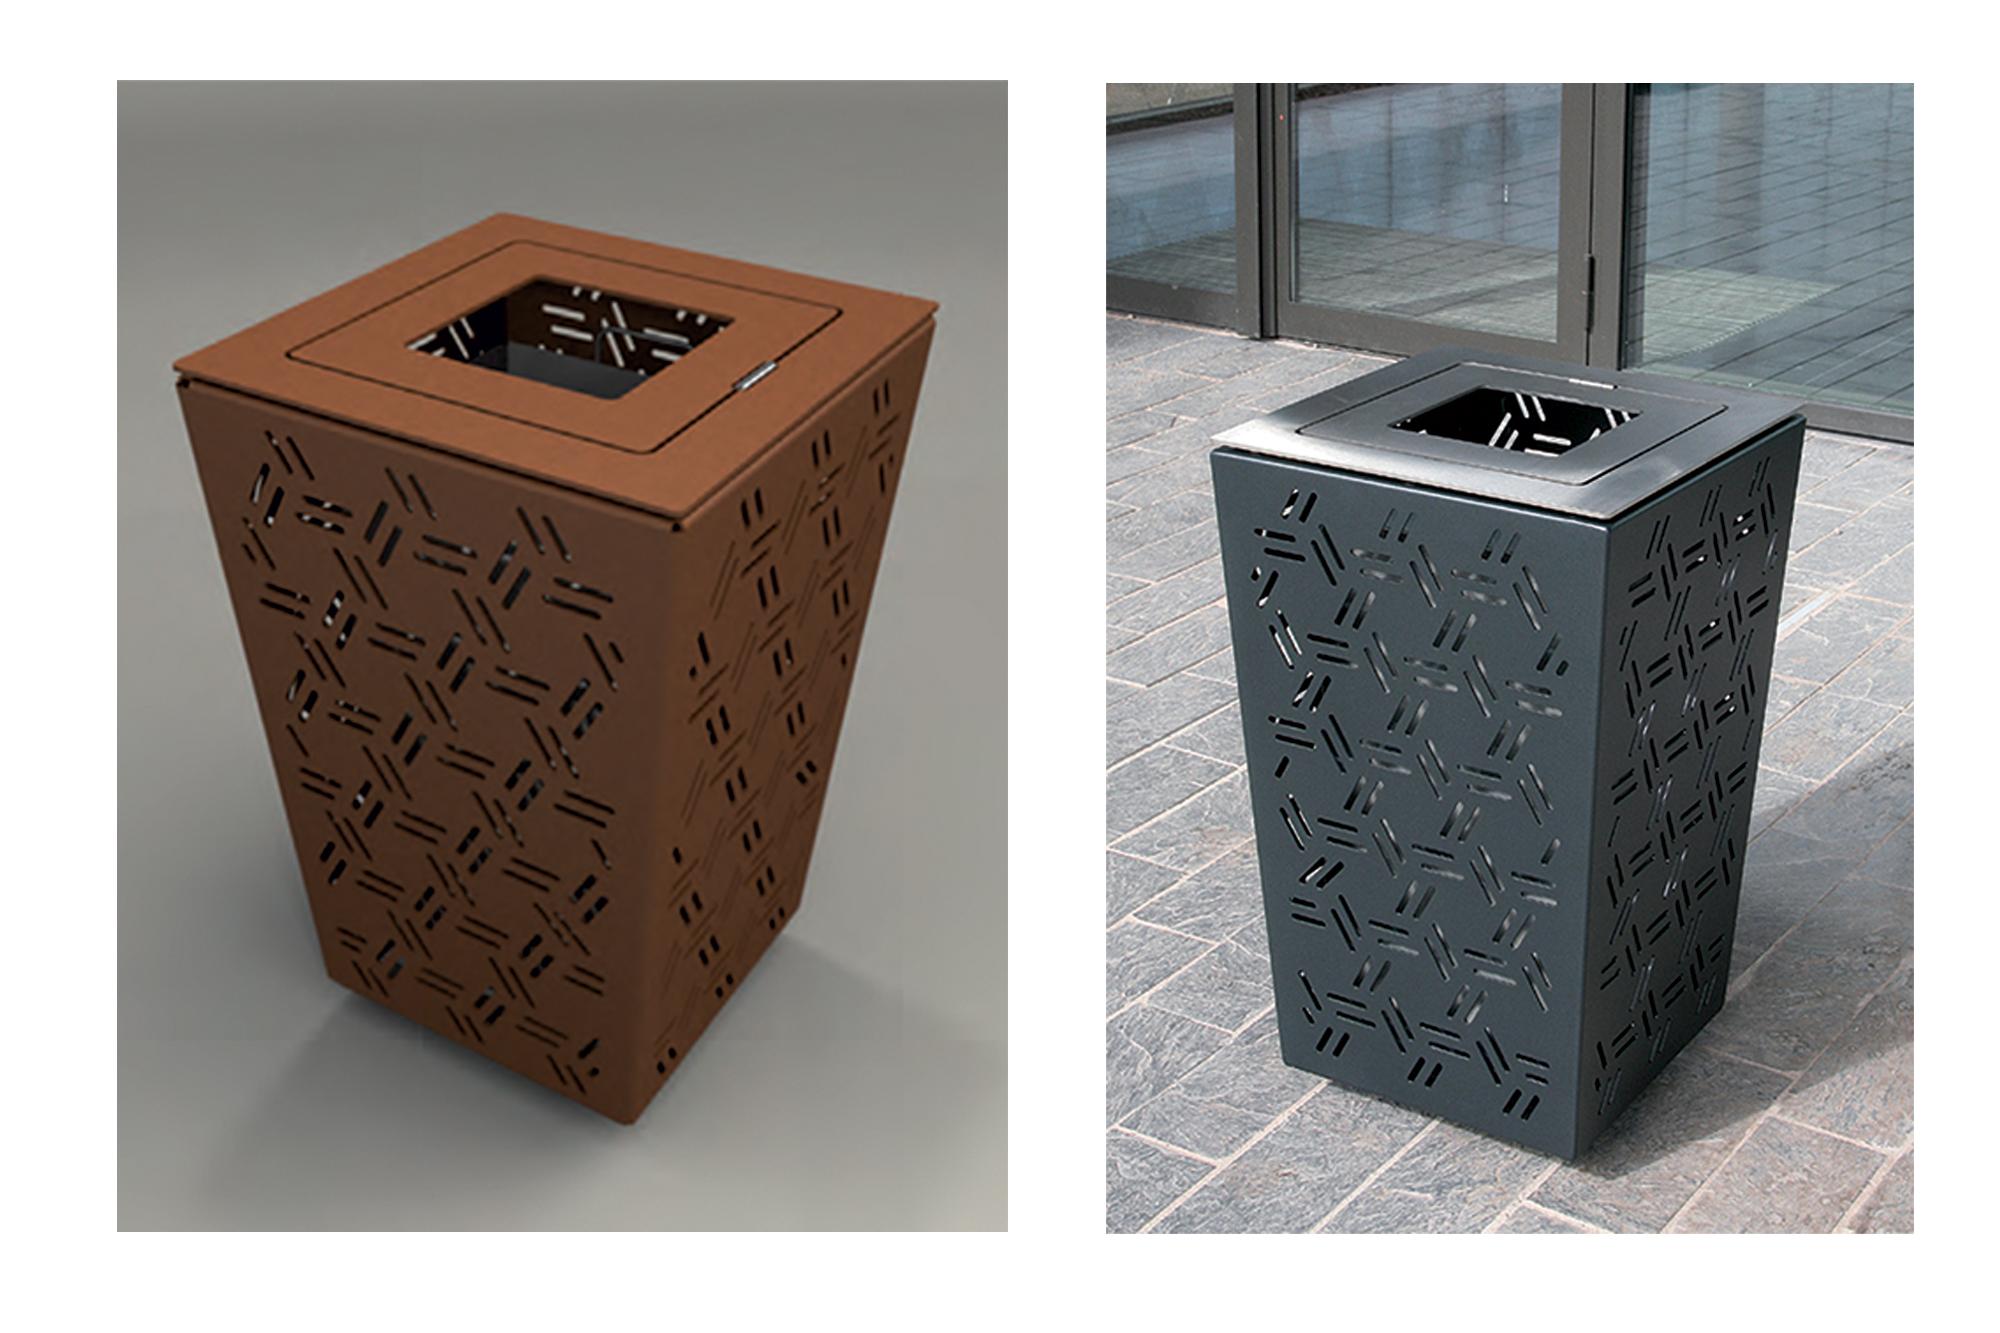 gamme giro mobilier urbain en acier pbo design agence de design global bayonne depuis 20. Black Bedroom Furniture Sets. Home Design Ideas